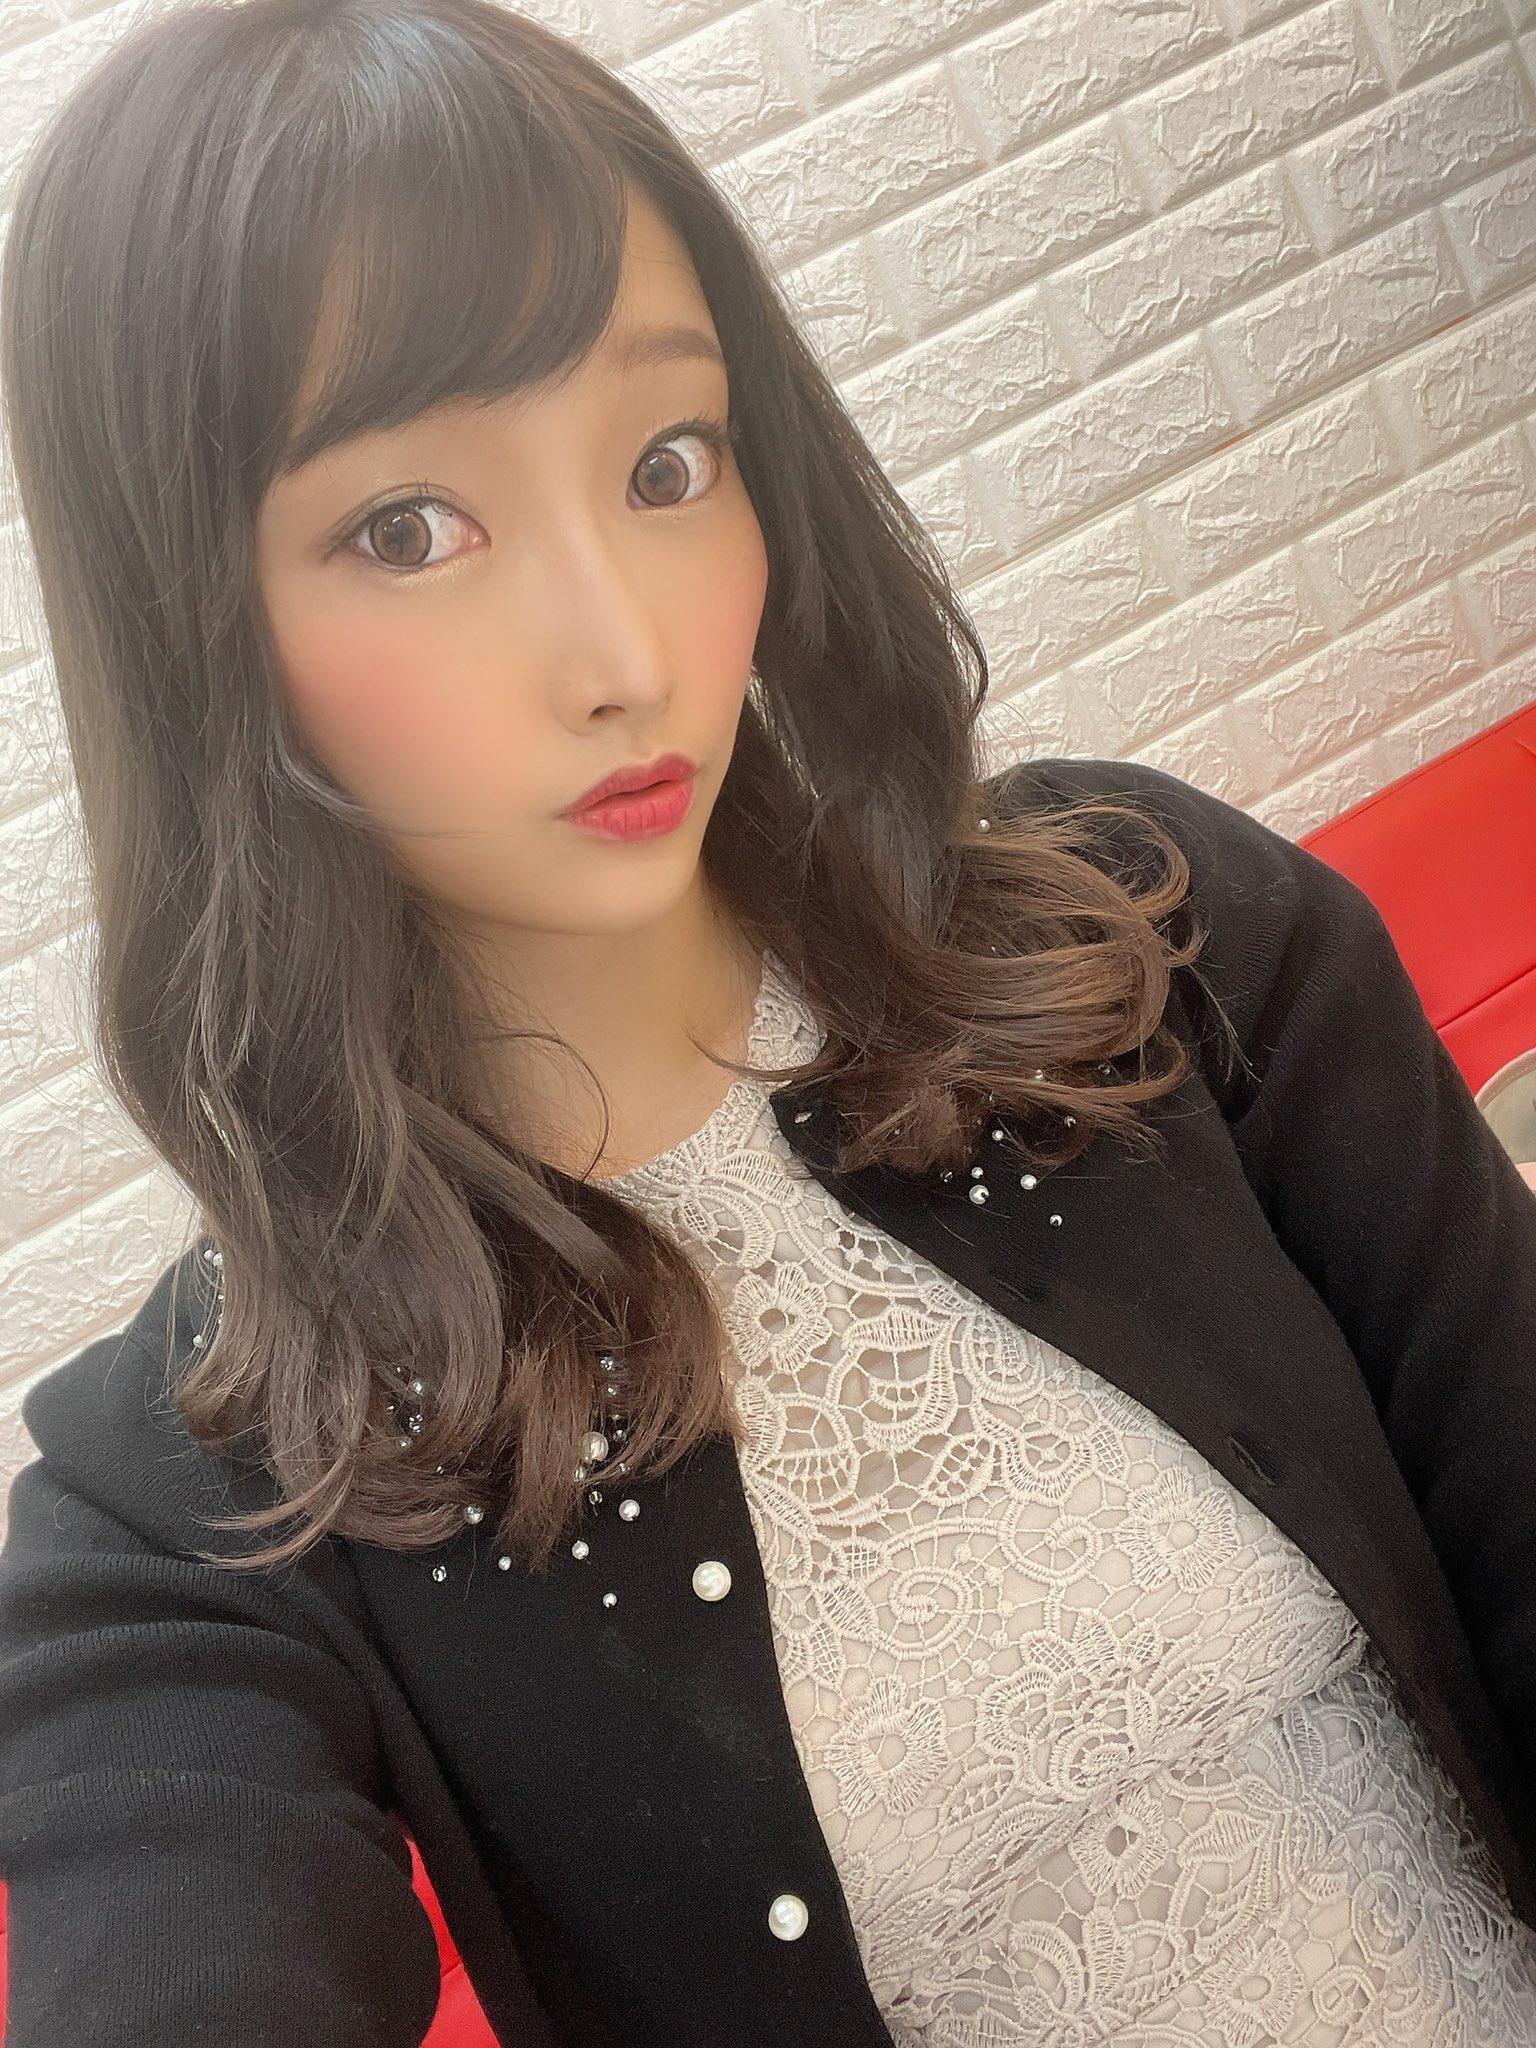 【丹羽すみれエロ画像】公開不倫デビュー!?欲求強すぎ巨乳妻・丹羽すみれ!